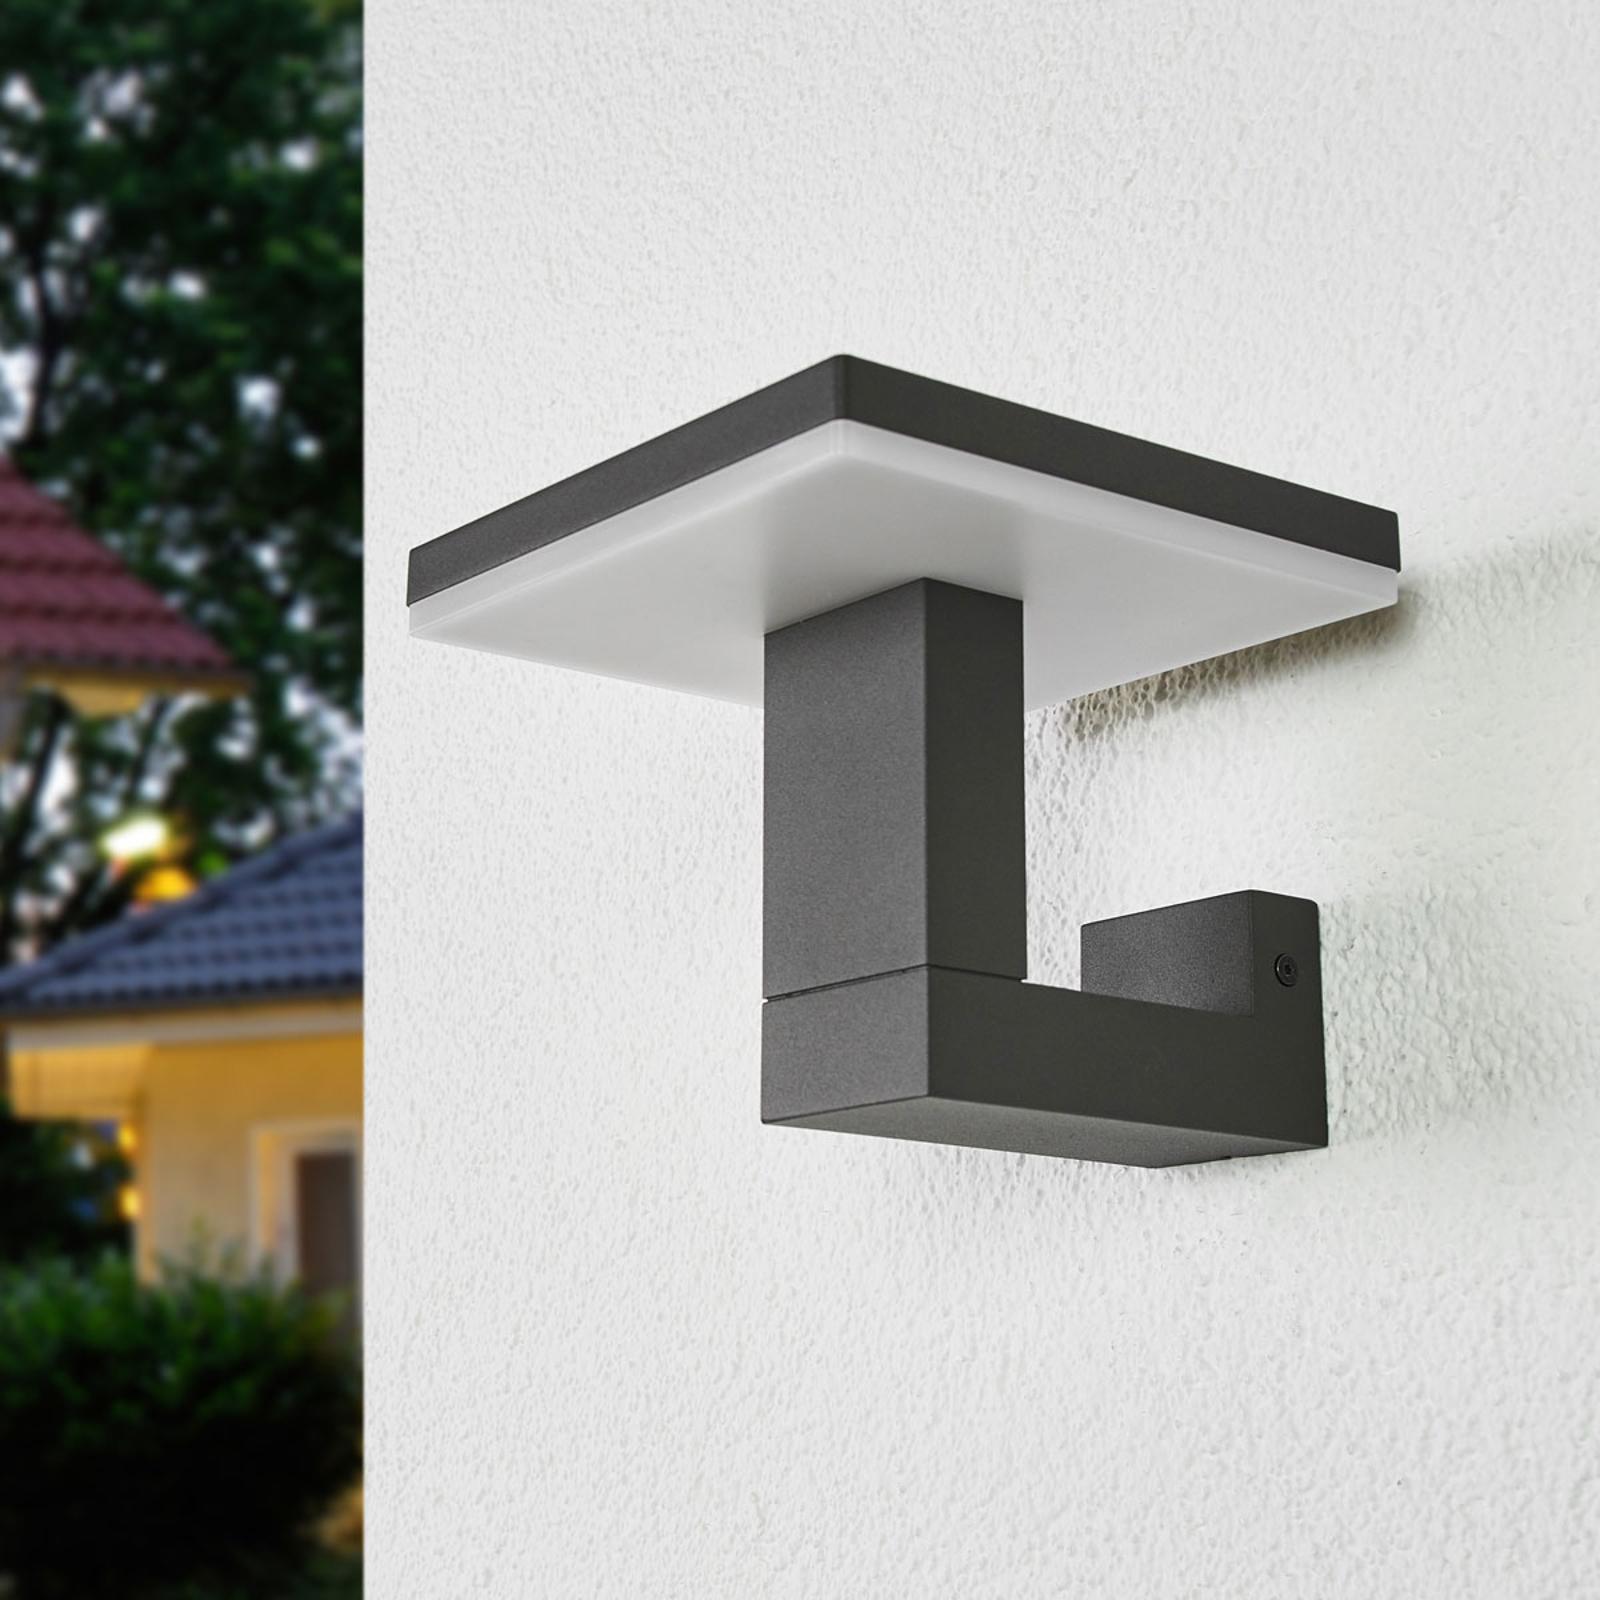 Applique LED d'extérieur Olesia, rectangulaire